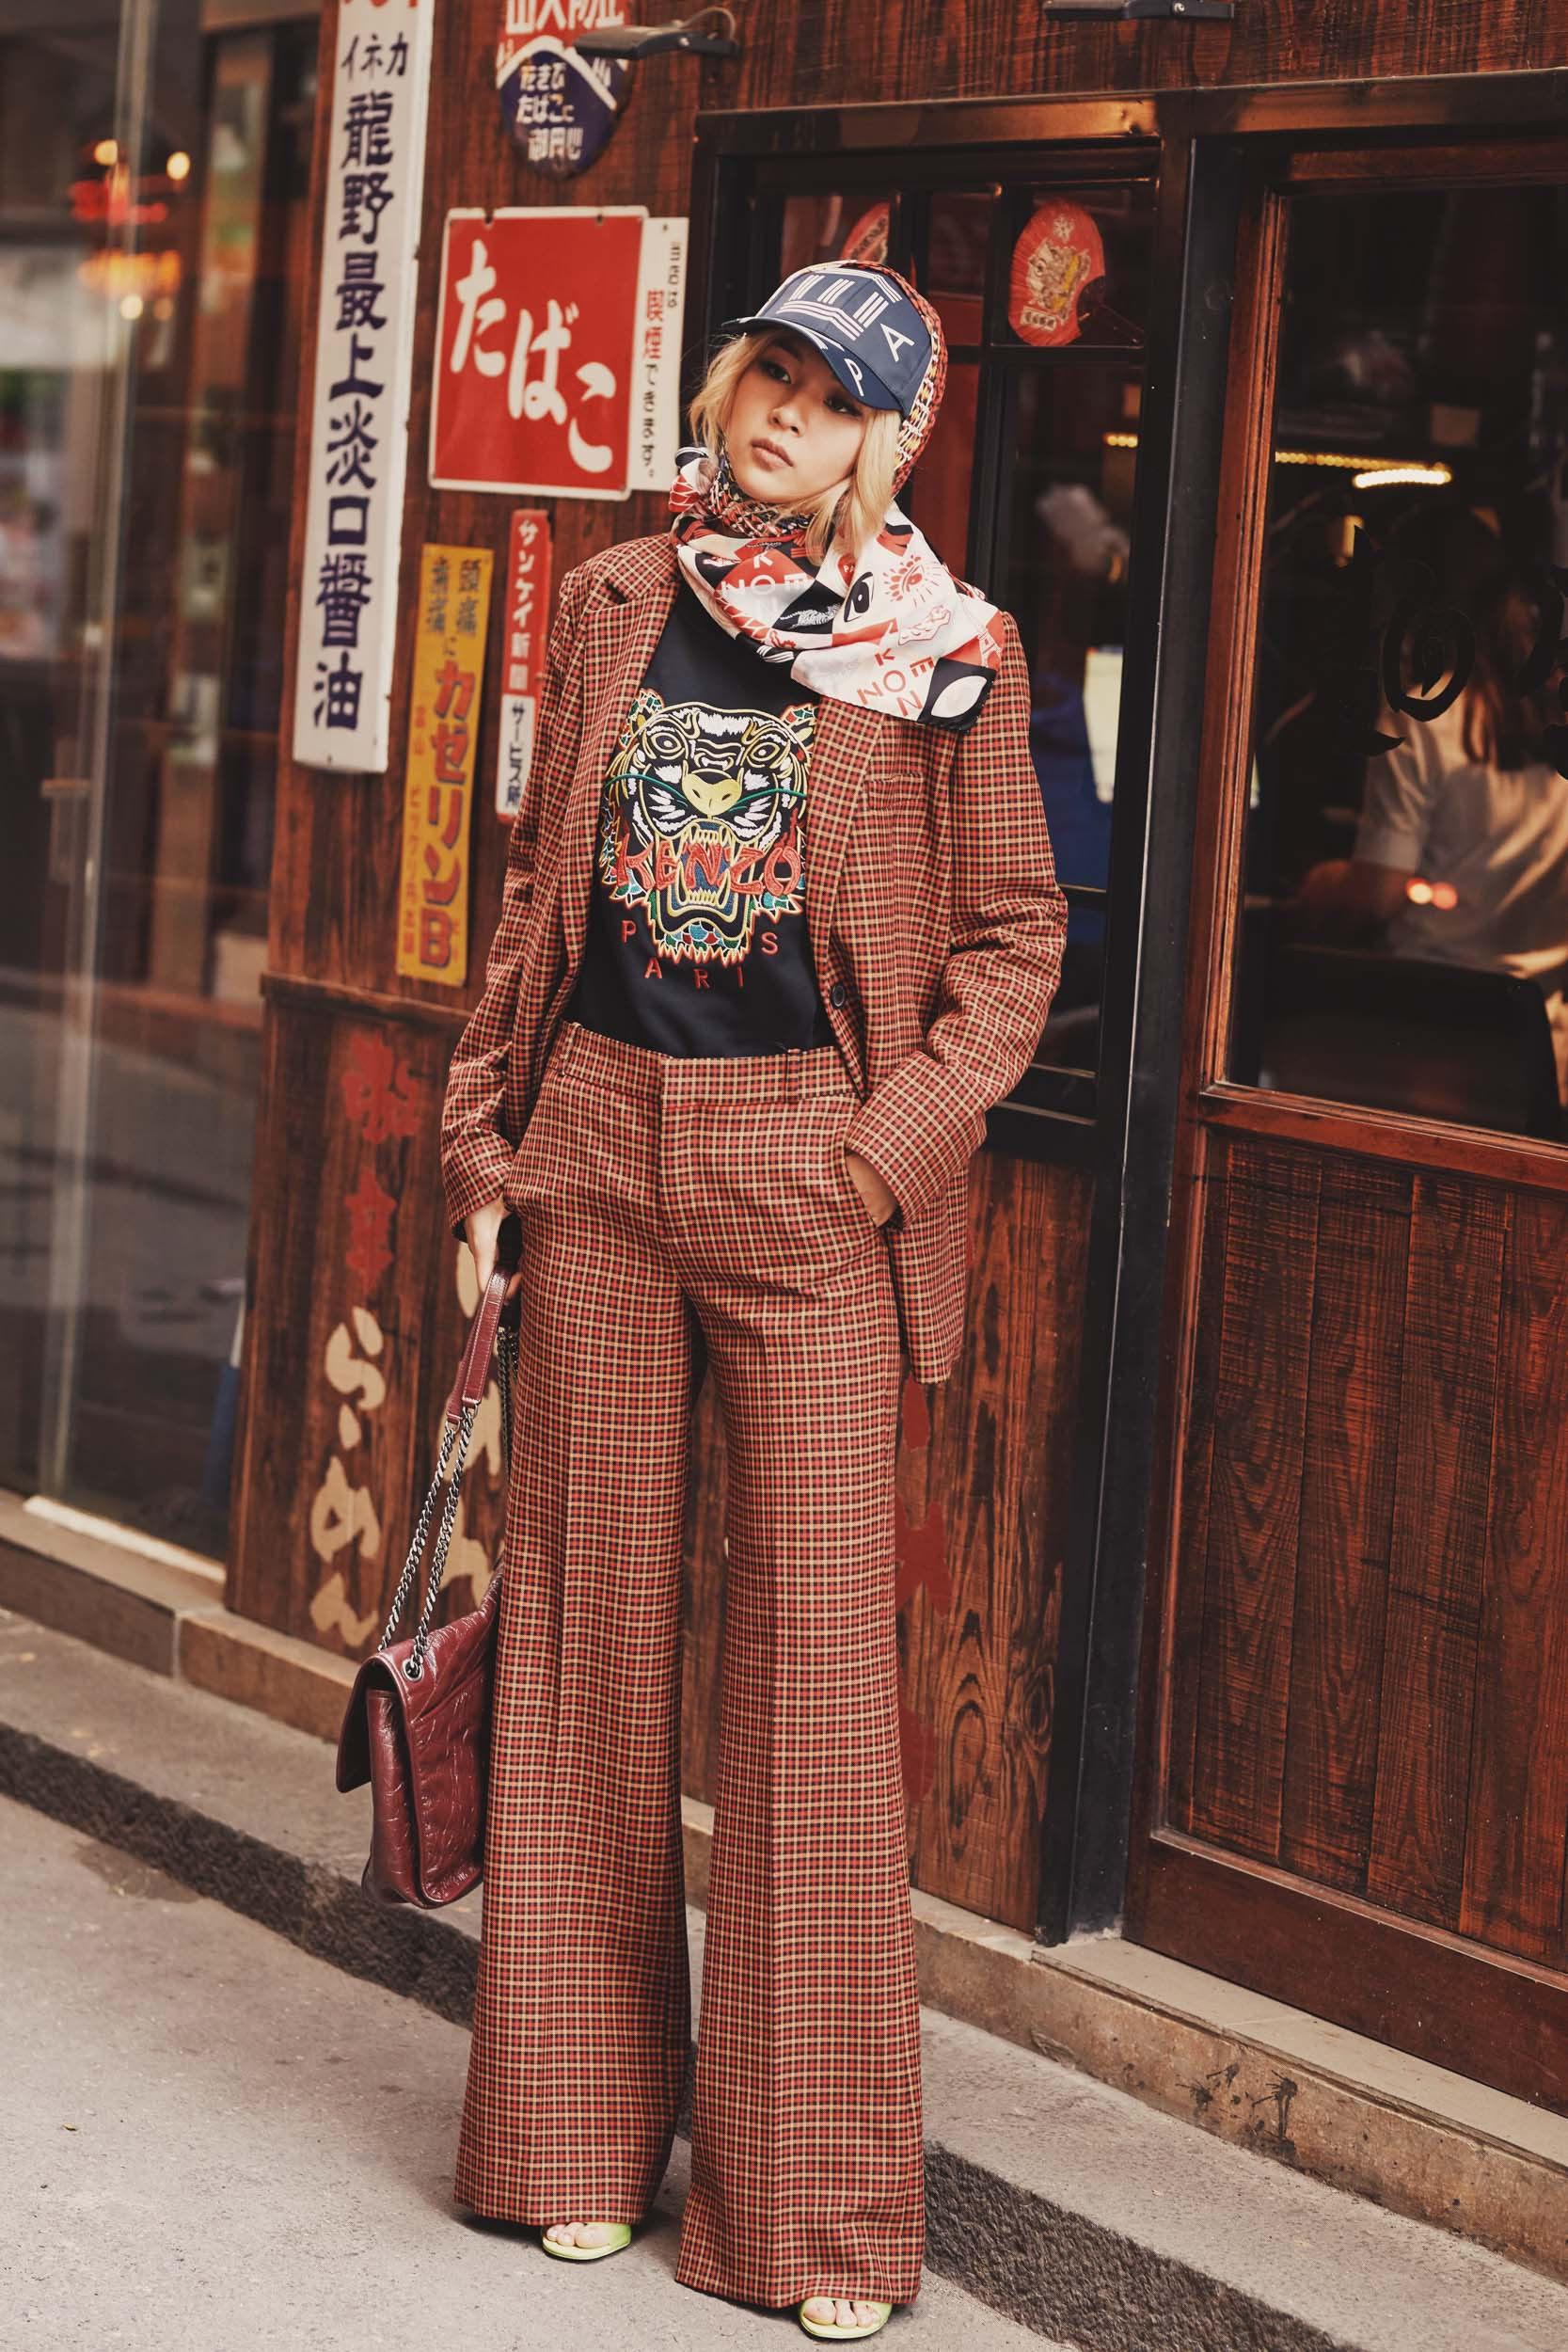 Từ Kế Hậu Xa Thi Mạn đến Phí Phương Anh, Kelbin, Salim khiến bạn phải công nhận: style bà già bán gà đang là xu hướng đích thực! - Ảnh 3.